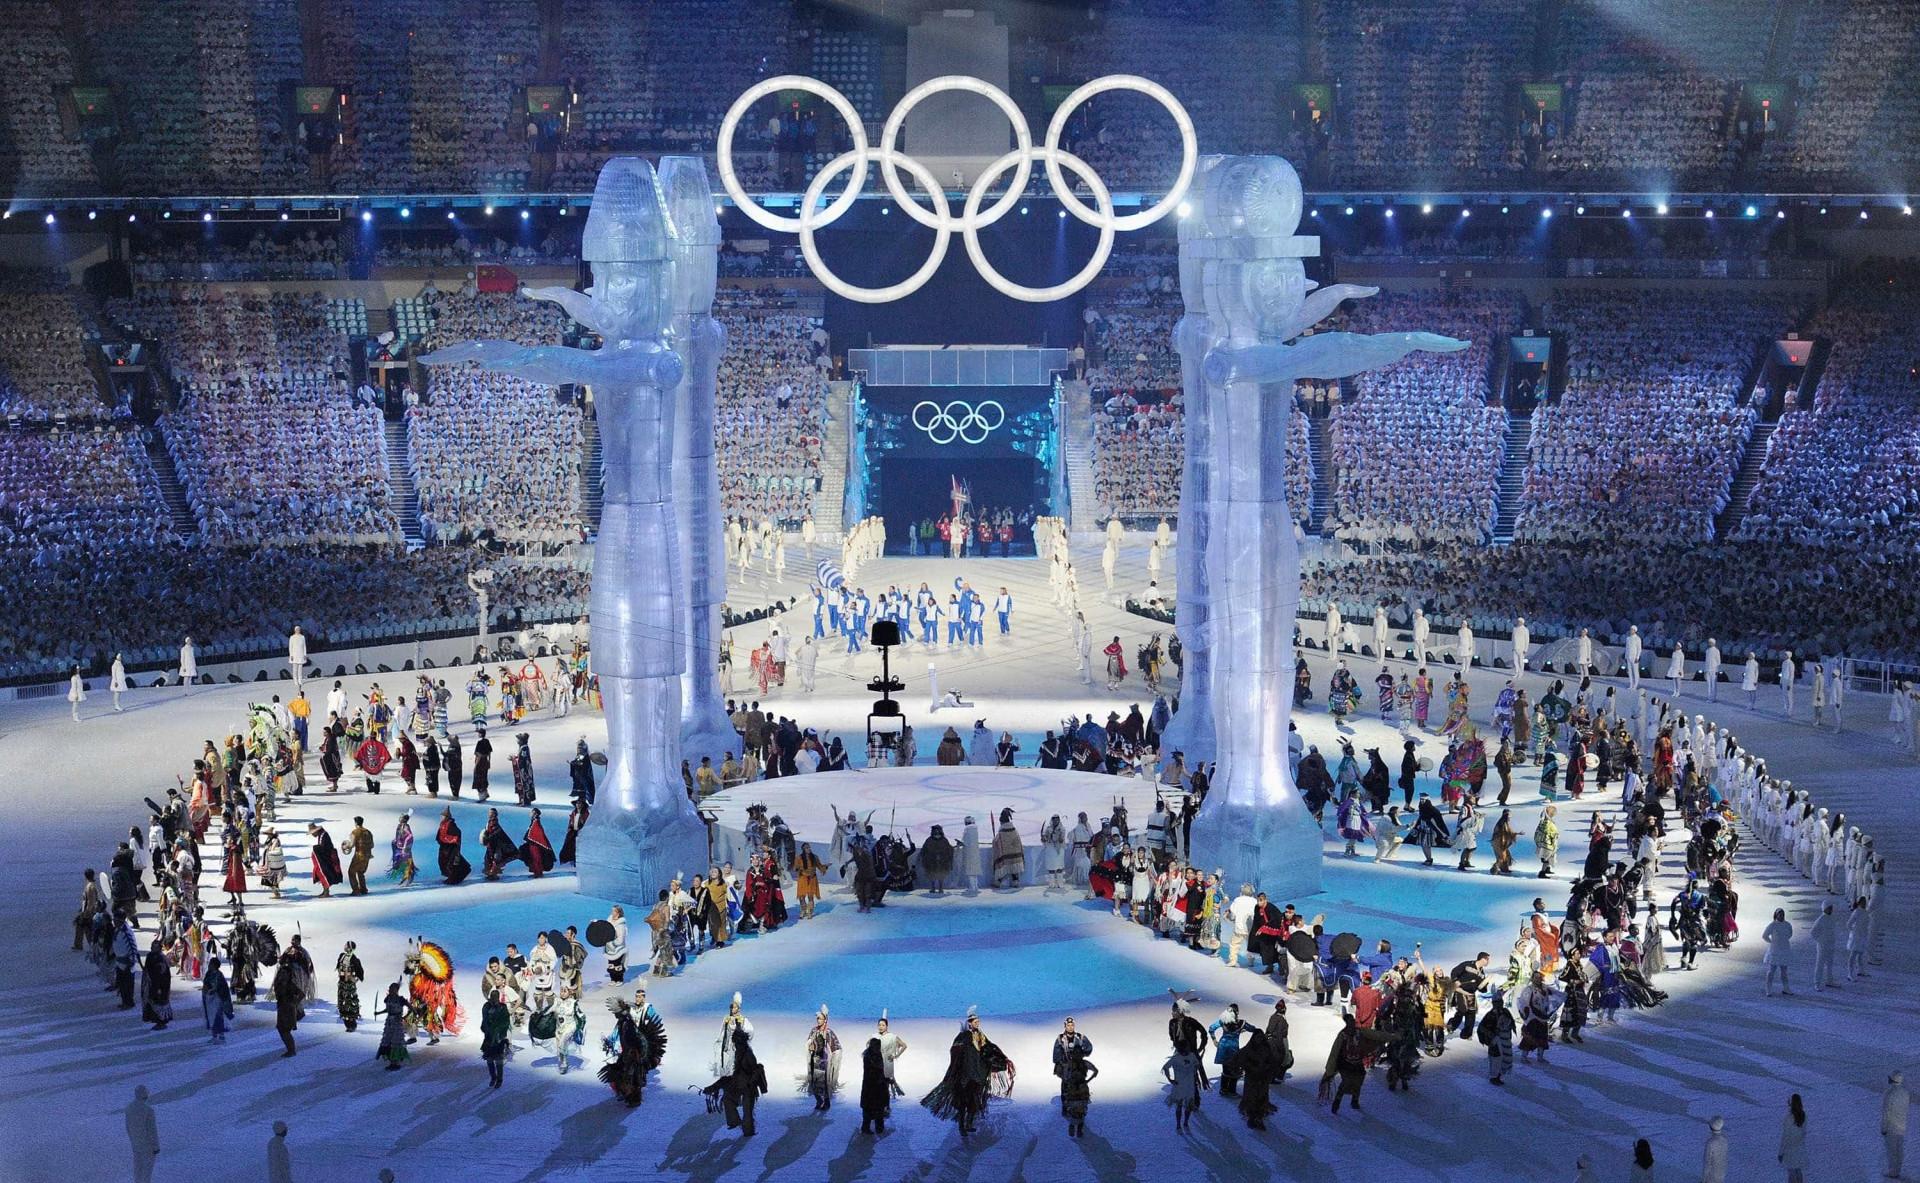 Descubra quais são os eventos esportivos mais caros do mundo